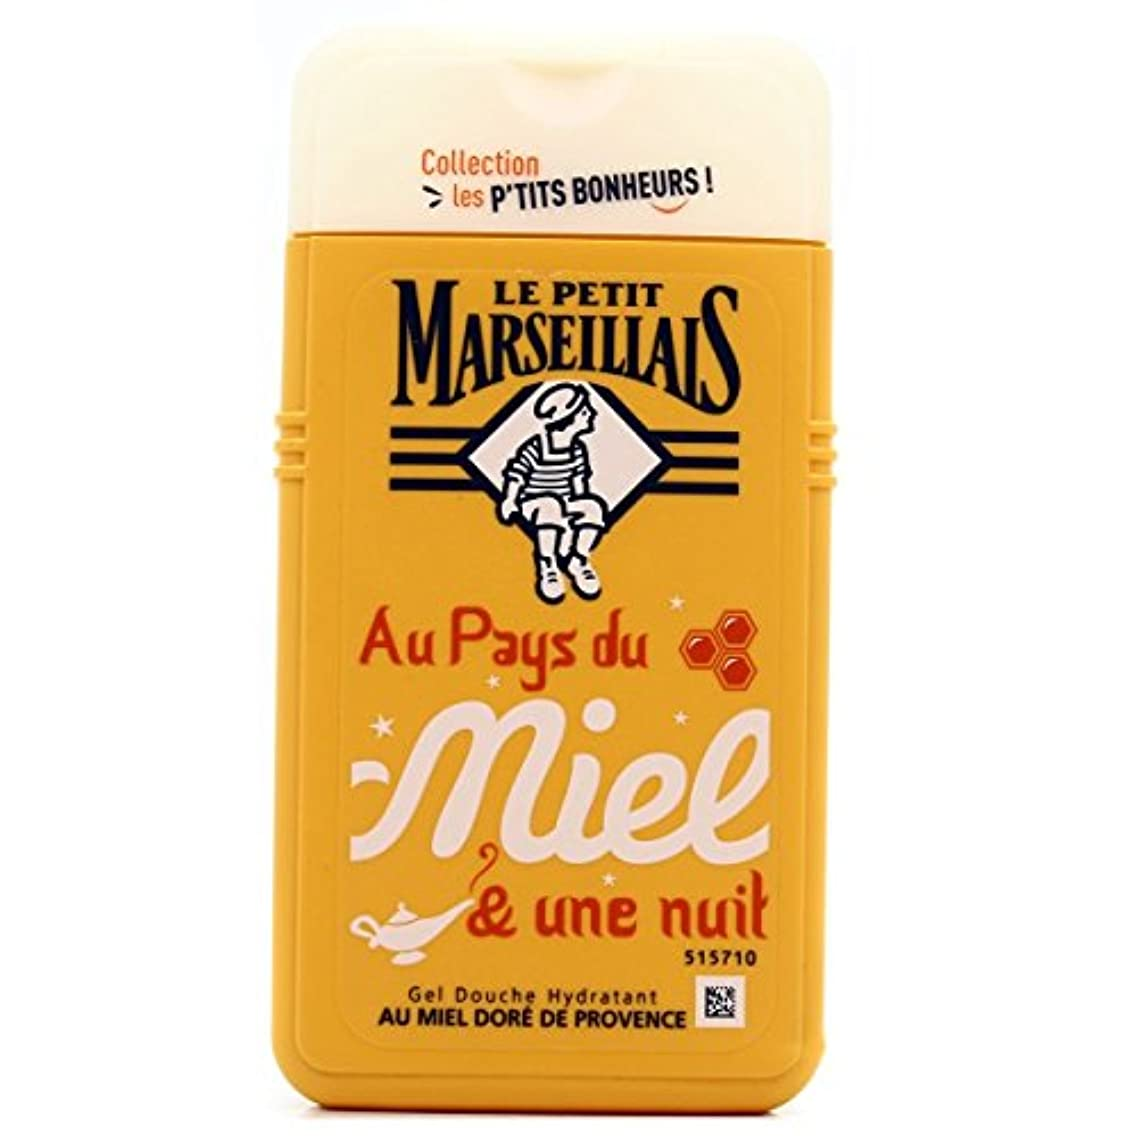 クルーズ好き溢れんばかりのル?プティ?マルセイユ (Le Petit Marseillais)les P'TITS BONHEURS はちみつ シャワージェル ボディウォッシュ 250ml